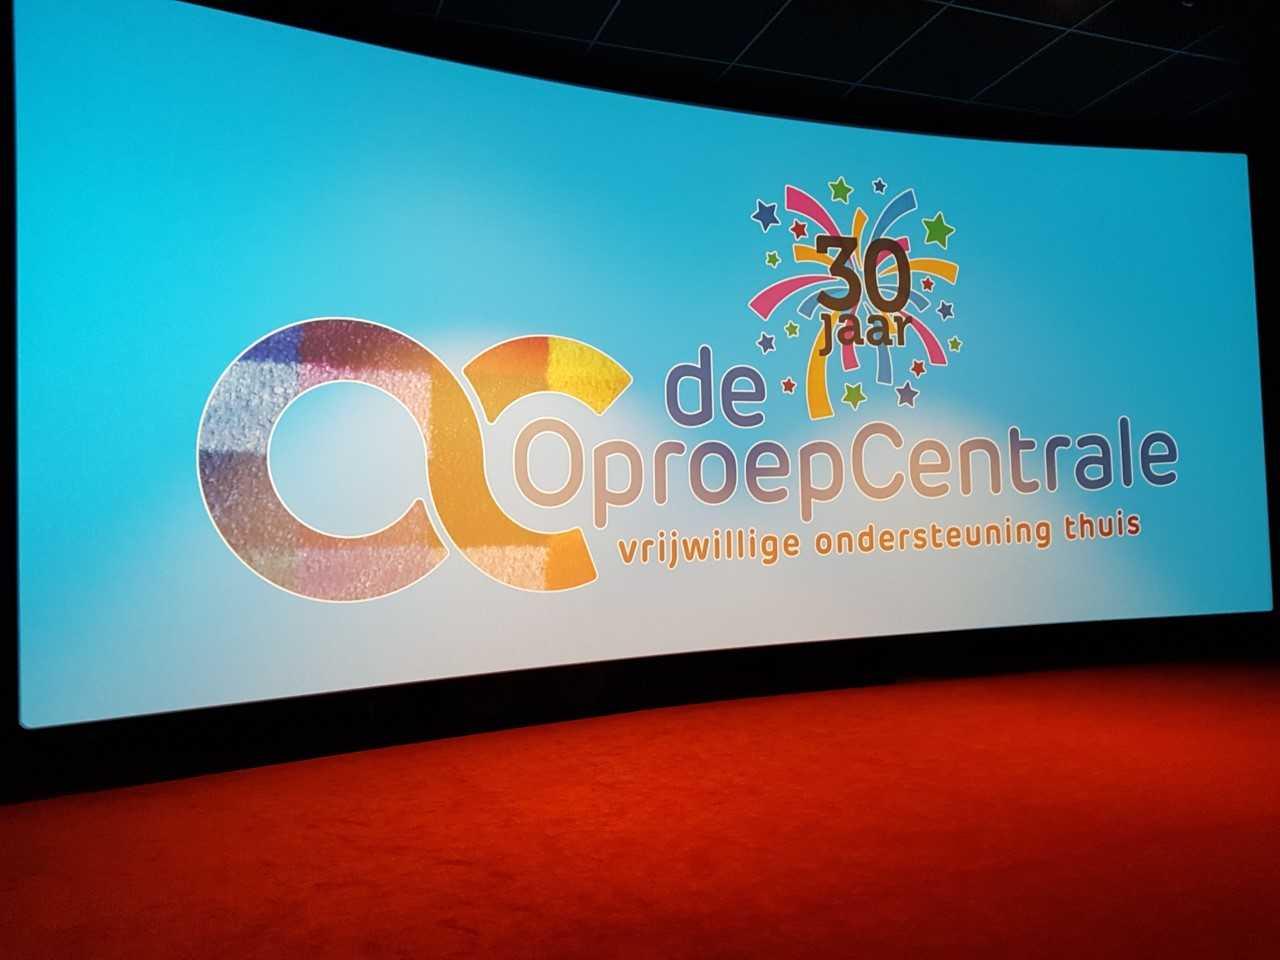 Vrijwilligers OproepCentrale genieten van bioscoopuitje